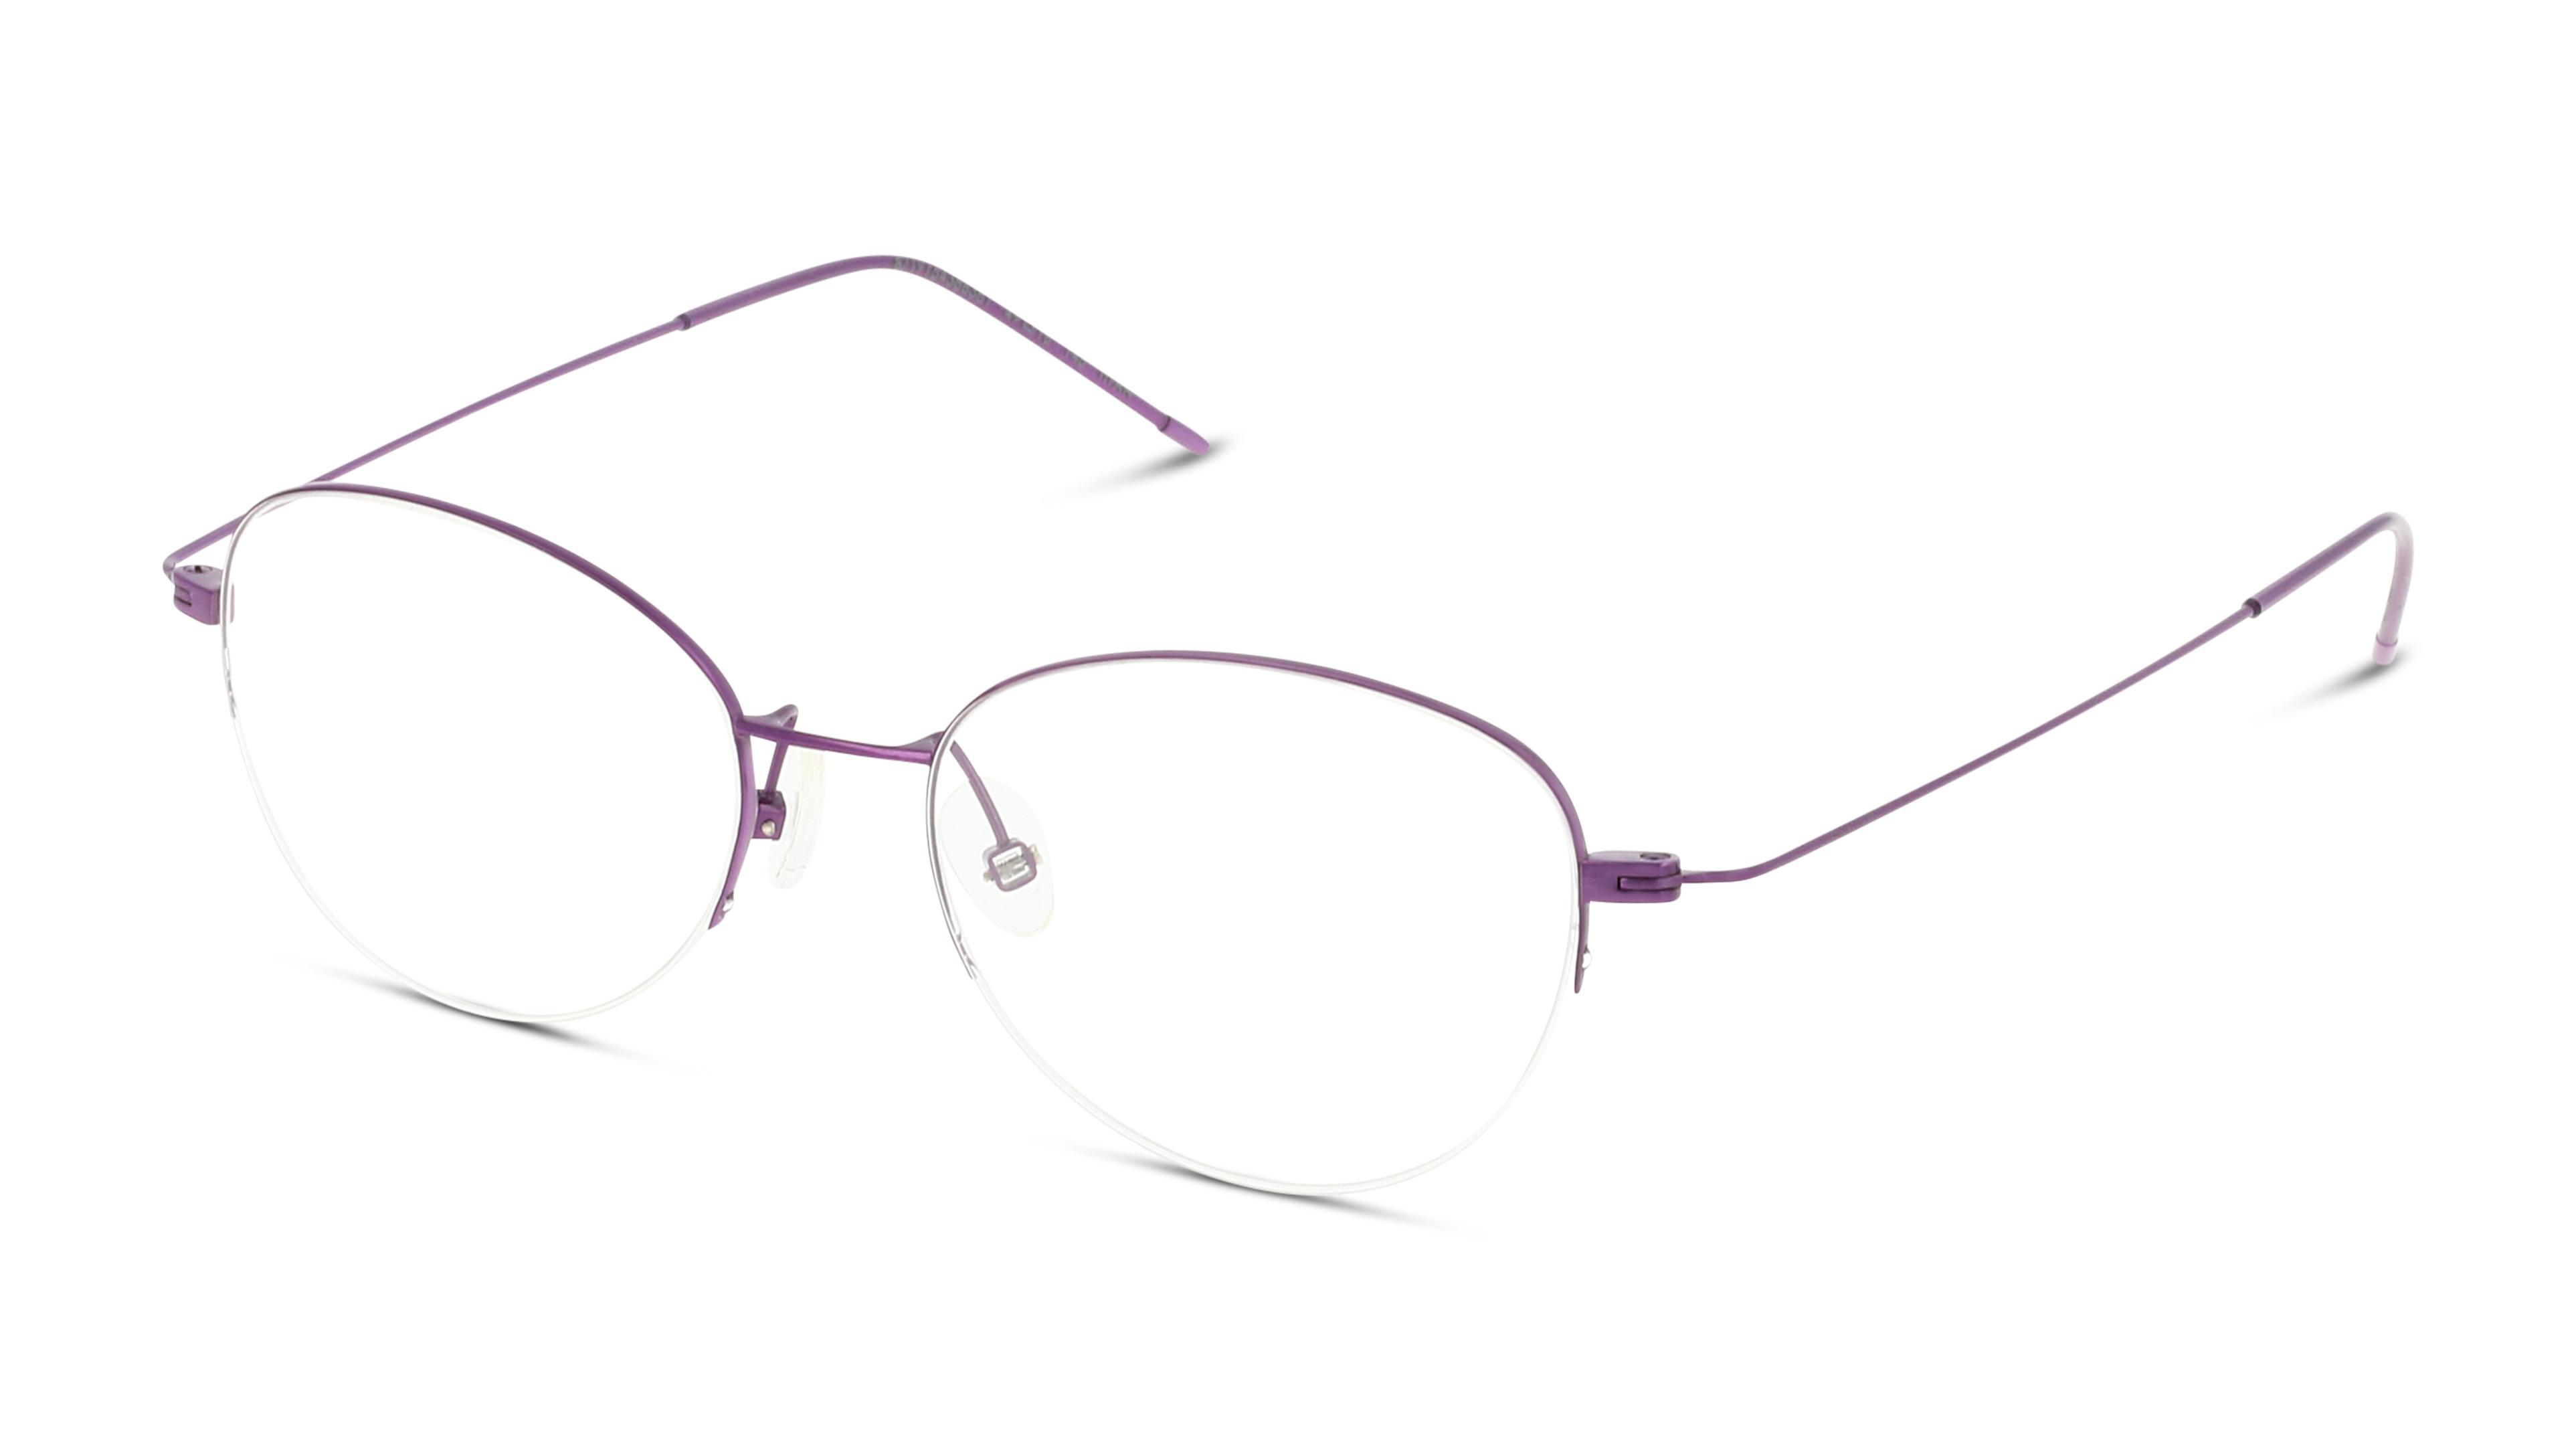 8719154619670-angle-03-light-fly-lfjf10-Eyewear-violet-violet